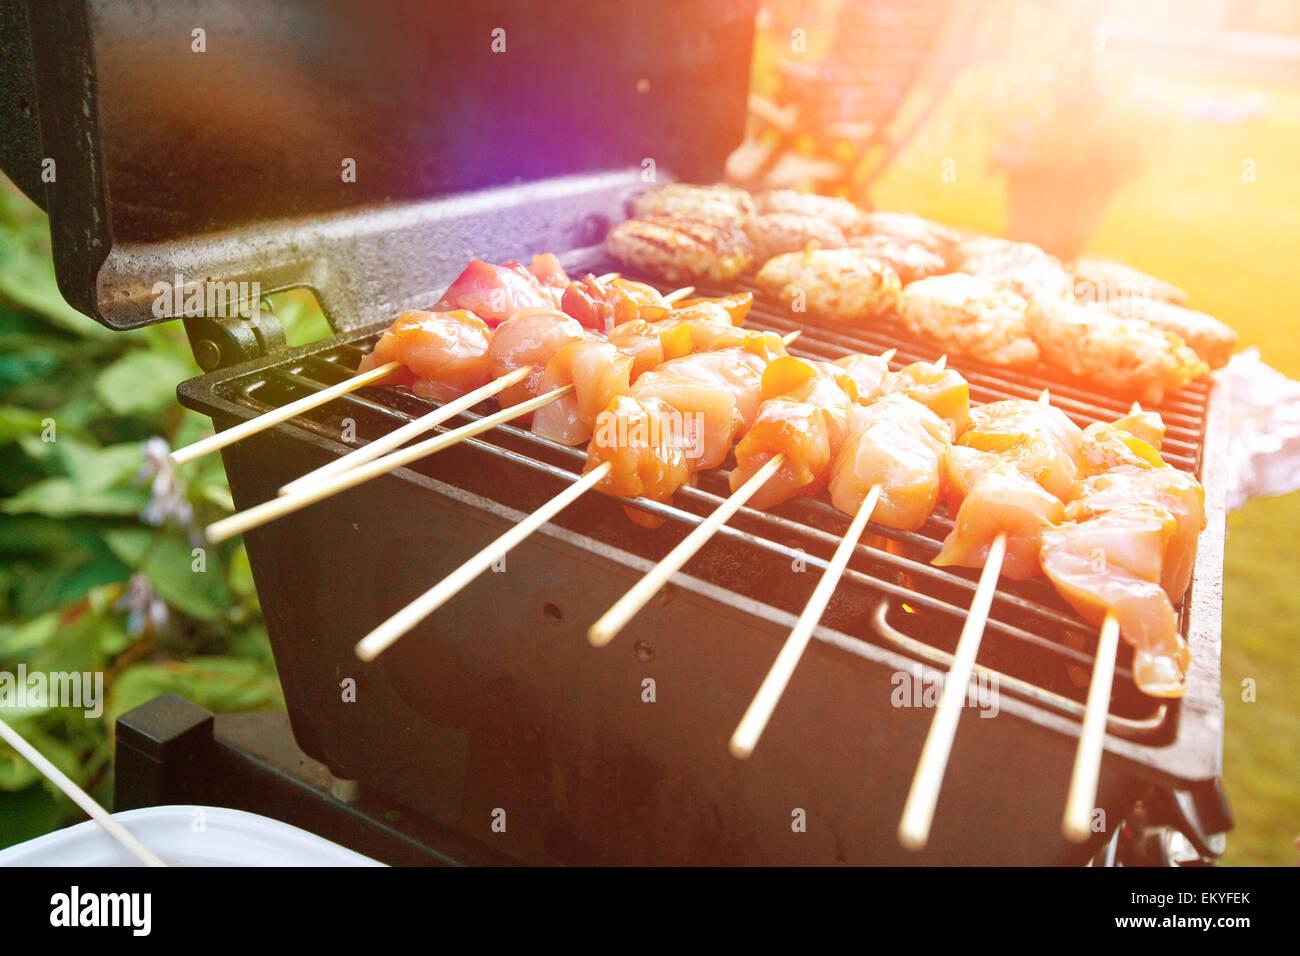 Des hamburgers et des viandes grillées sur le barbecue satays prêt pour les repas en plein air d'été Photo Stock